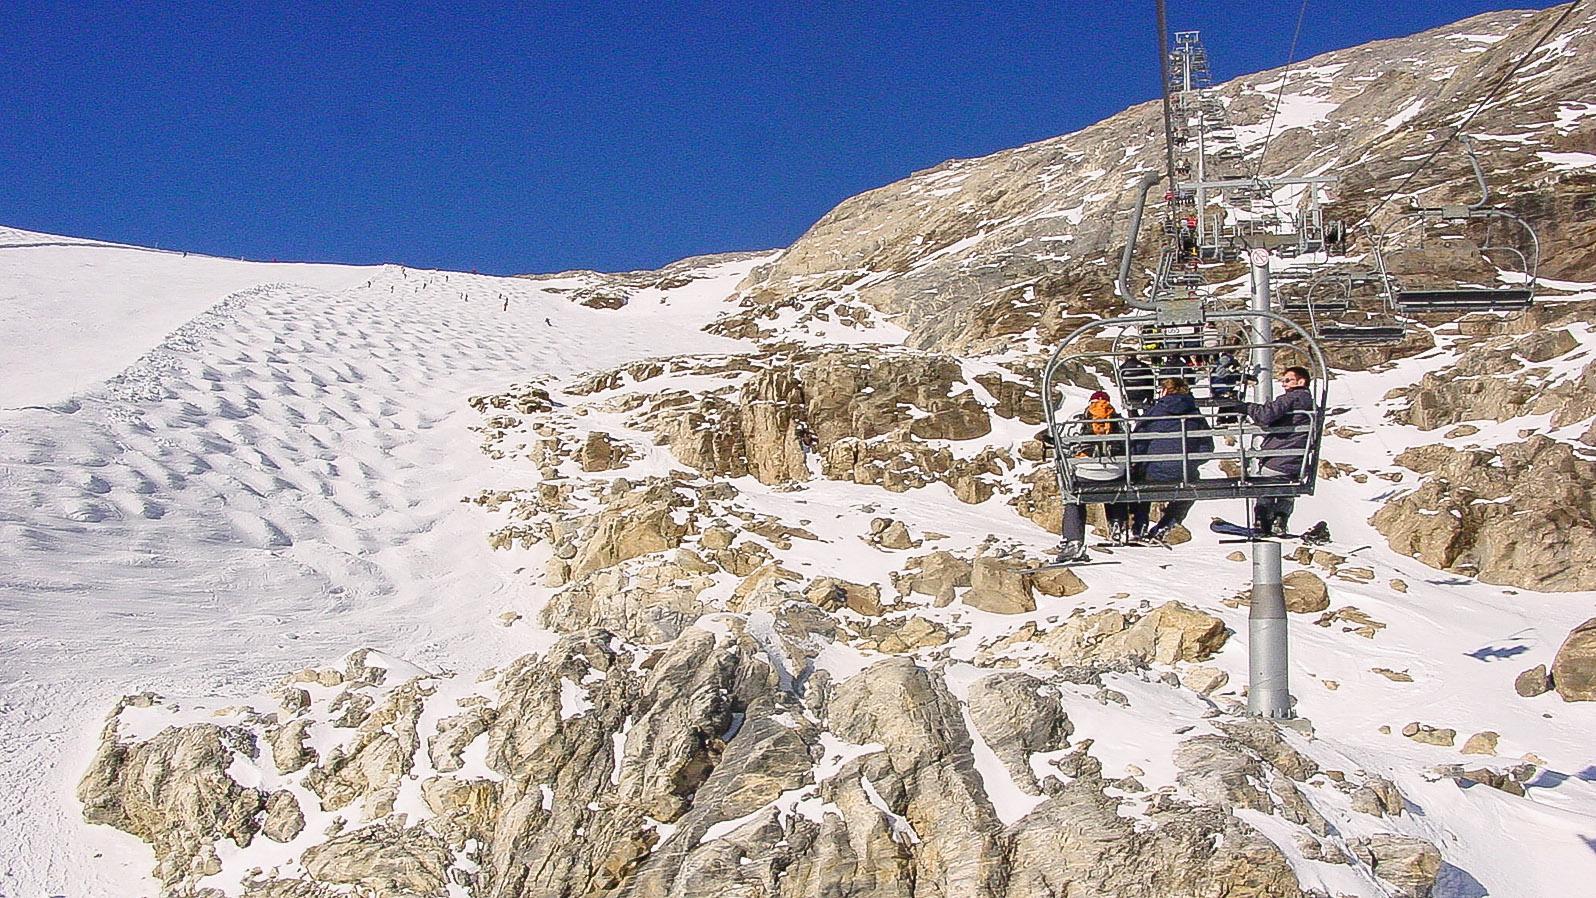 Tignes: Das Skigebiet zu Füßen des Gletschers Grande Motte mit der Leisse-Piste (schwarz). Foto: Hilke Maunder